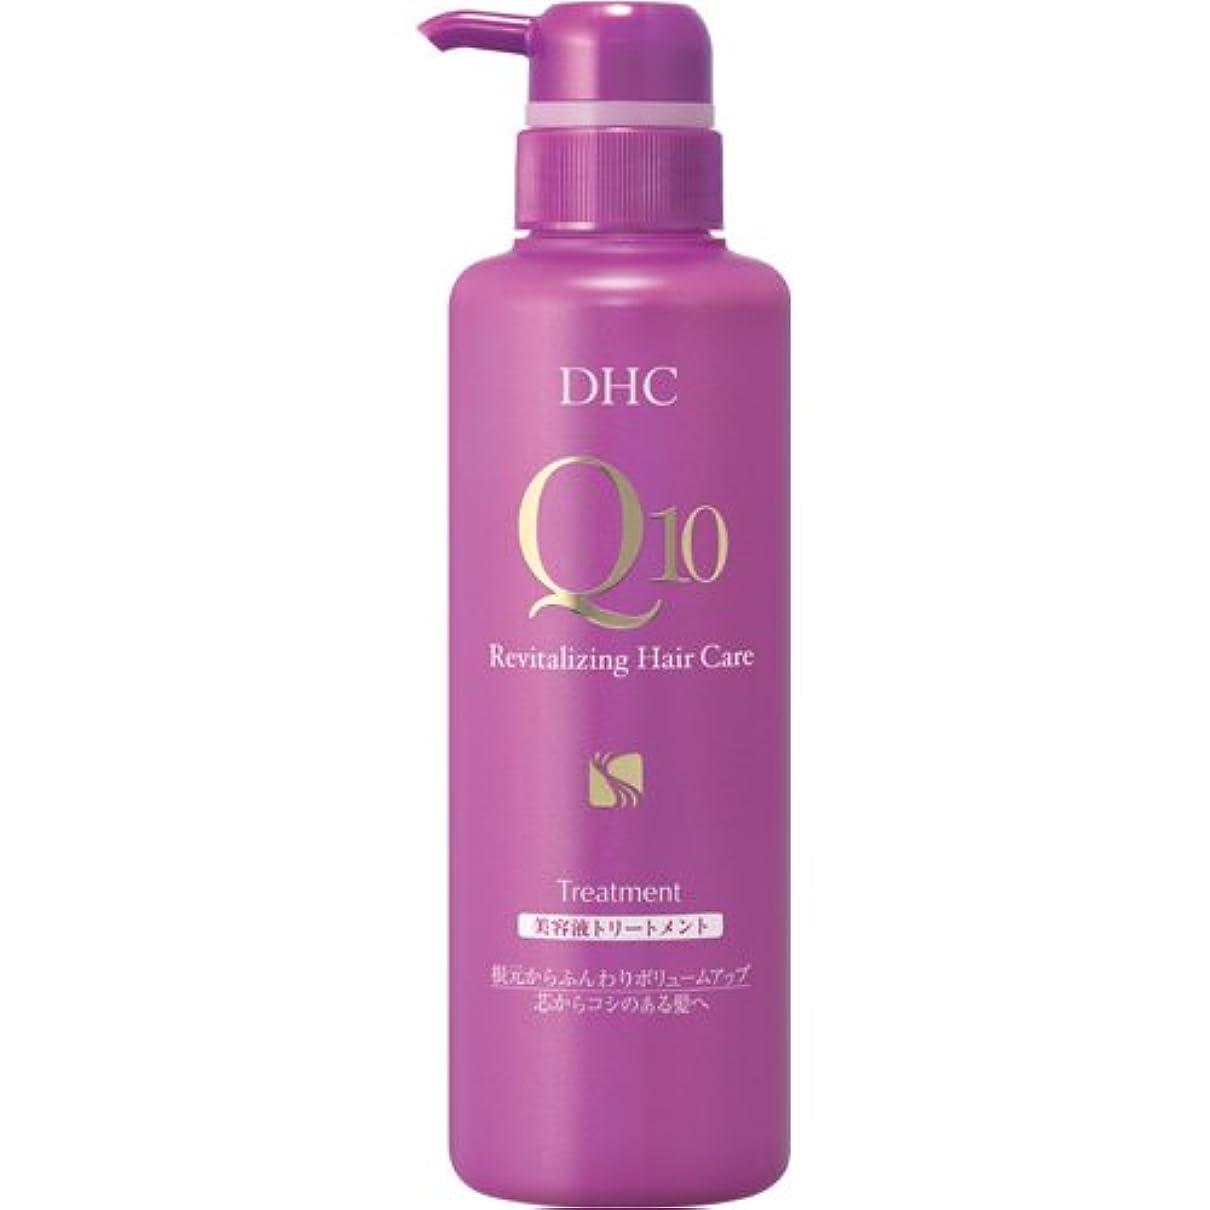 安価な毒性ラインDHC Q10美容液 トリートメント (SS)  330ml